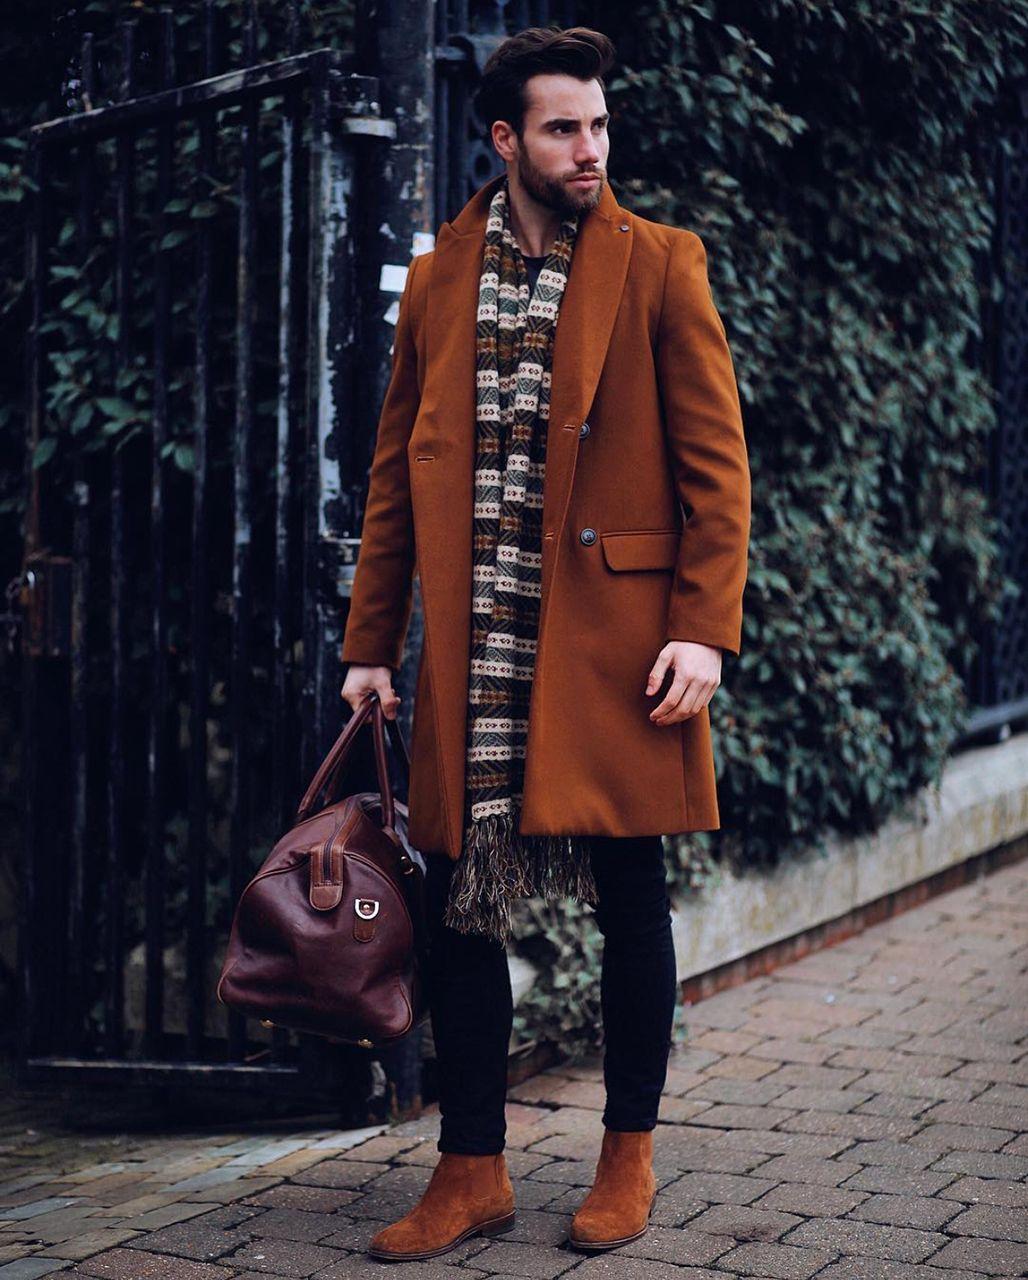 ec7502aa6e Look masculino de inverno com casaco longo e cachecol oversized. Confiram  mais tendências de moda